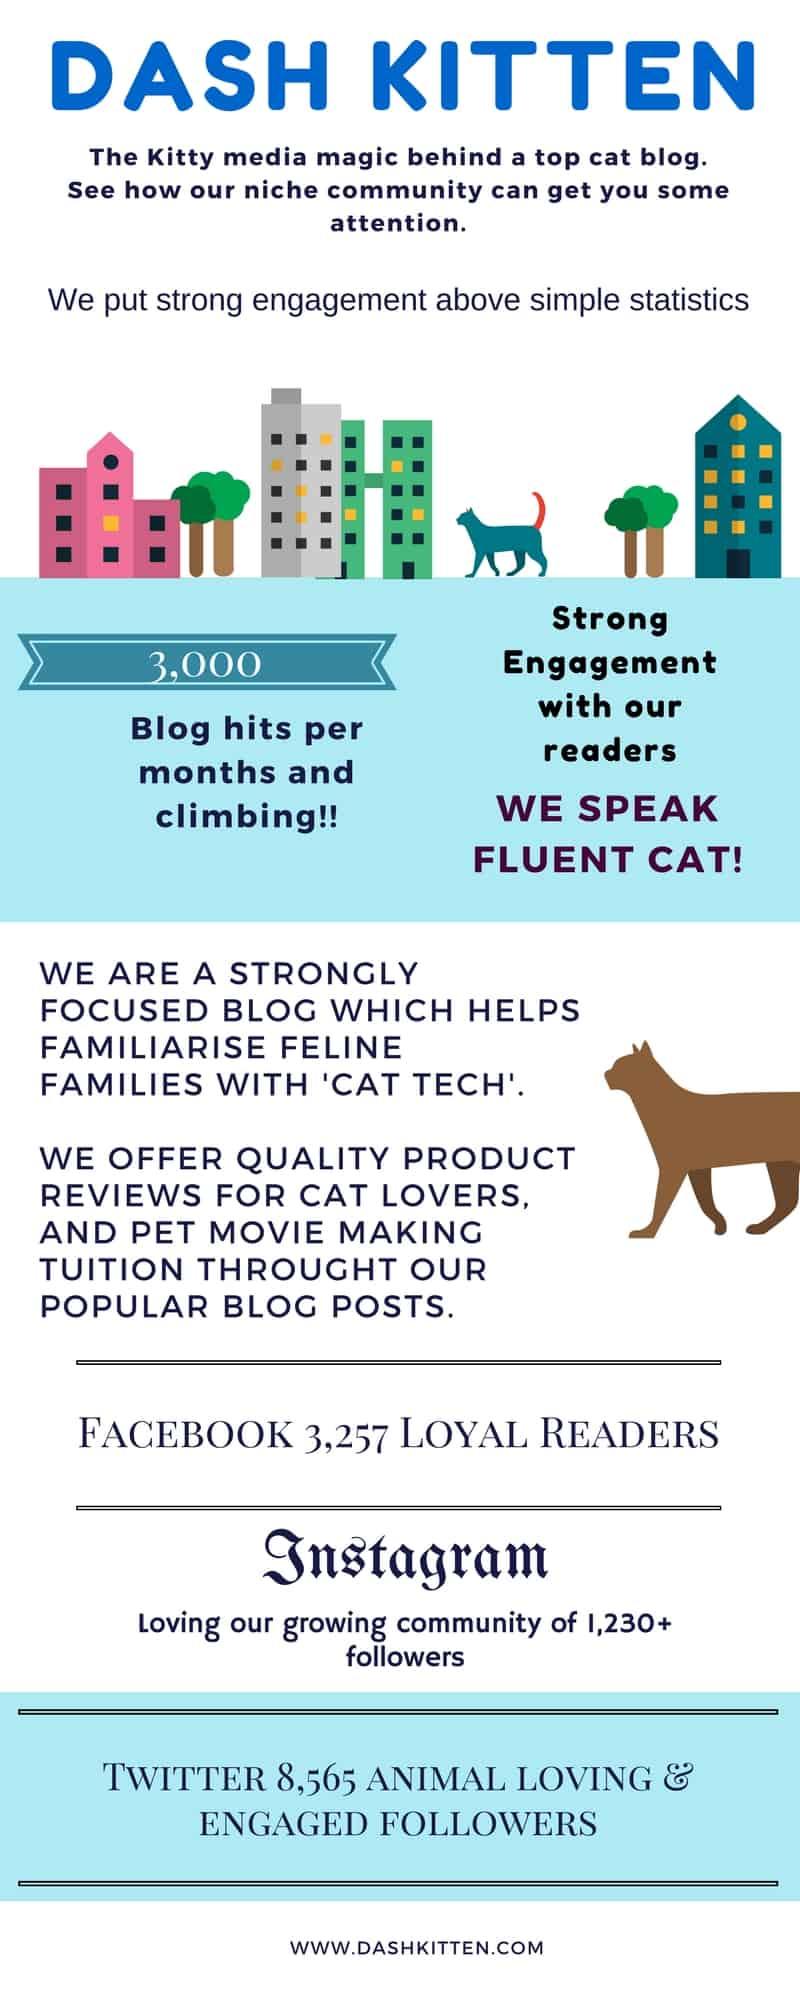 Dash Kitten Blog Media